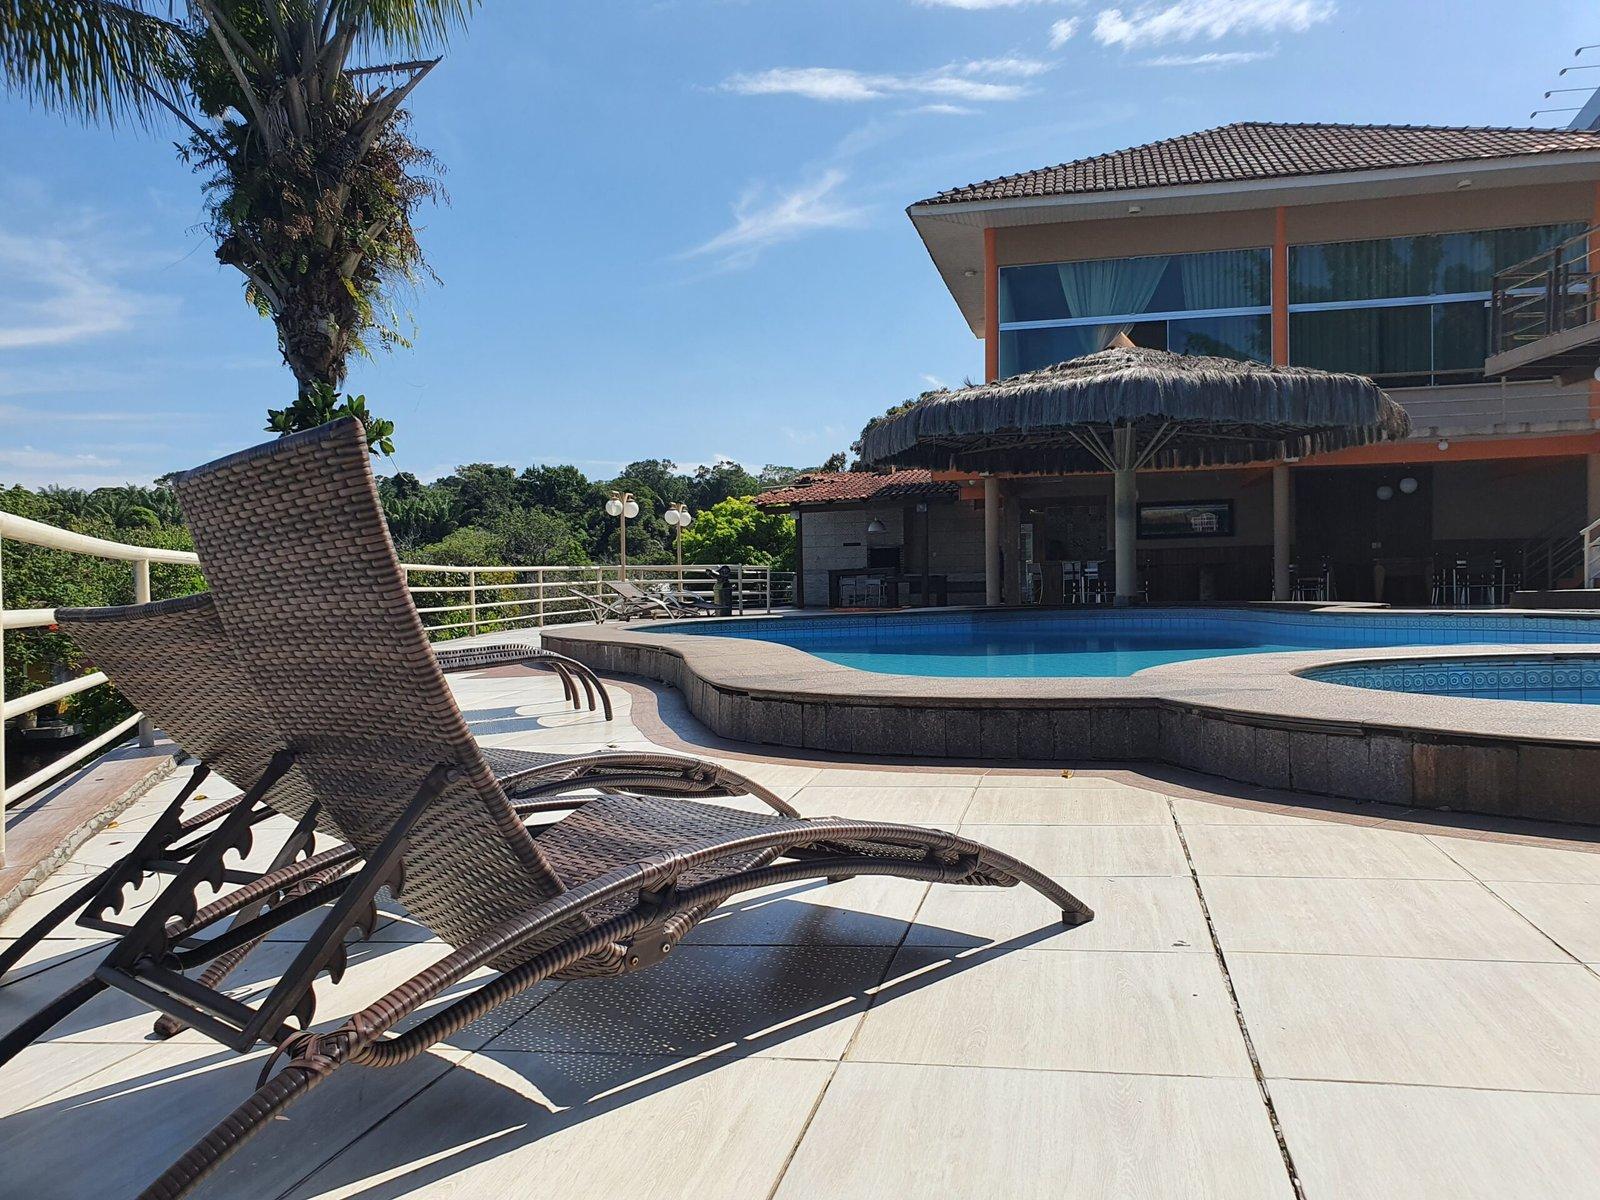 Travel Tips Localizado à margem direita do Rio Tarumã, o hotel possui com destaque um píer e uma praia privativa. Possui ainda de auditório com equipamentos de som, área externa com piscina e quadra de futebol.